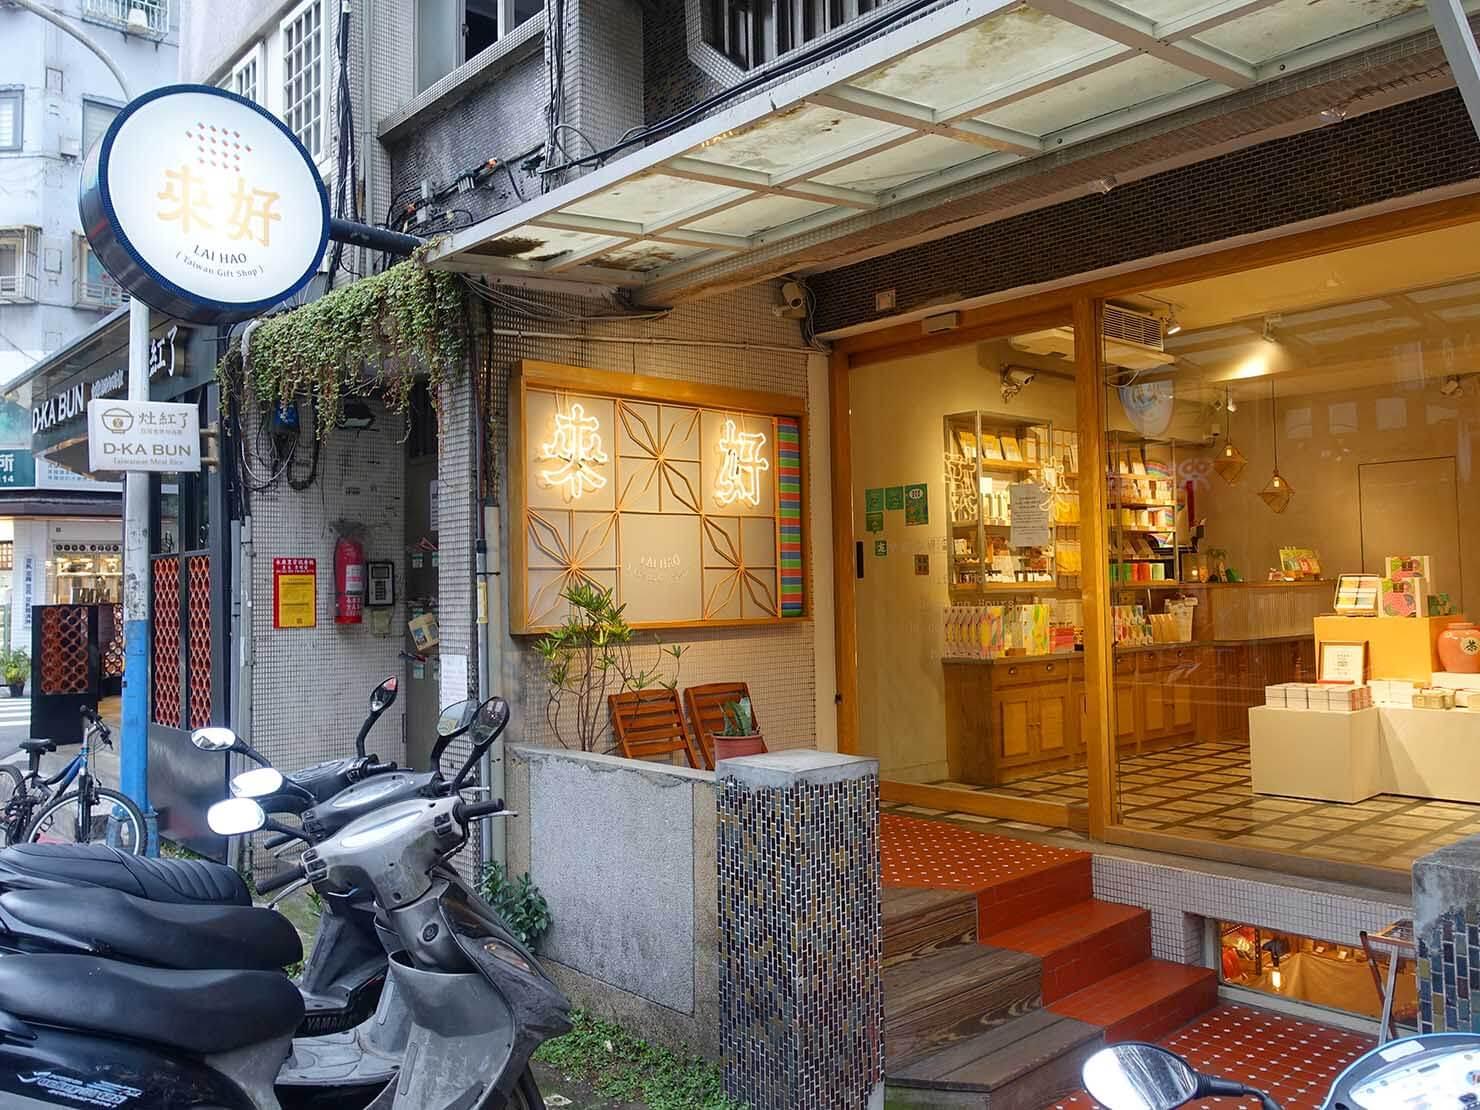 台北・永康街のおすすめおみやげショップ「來好 LAIHAO」の外観